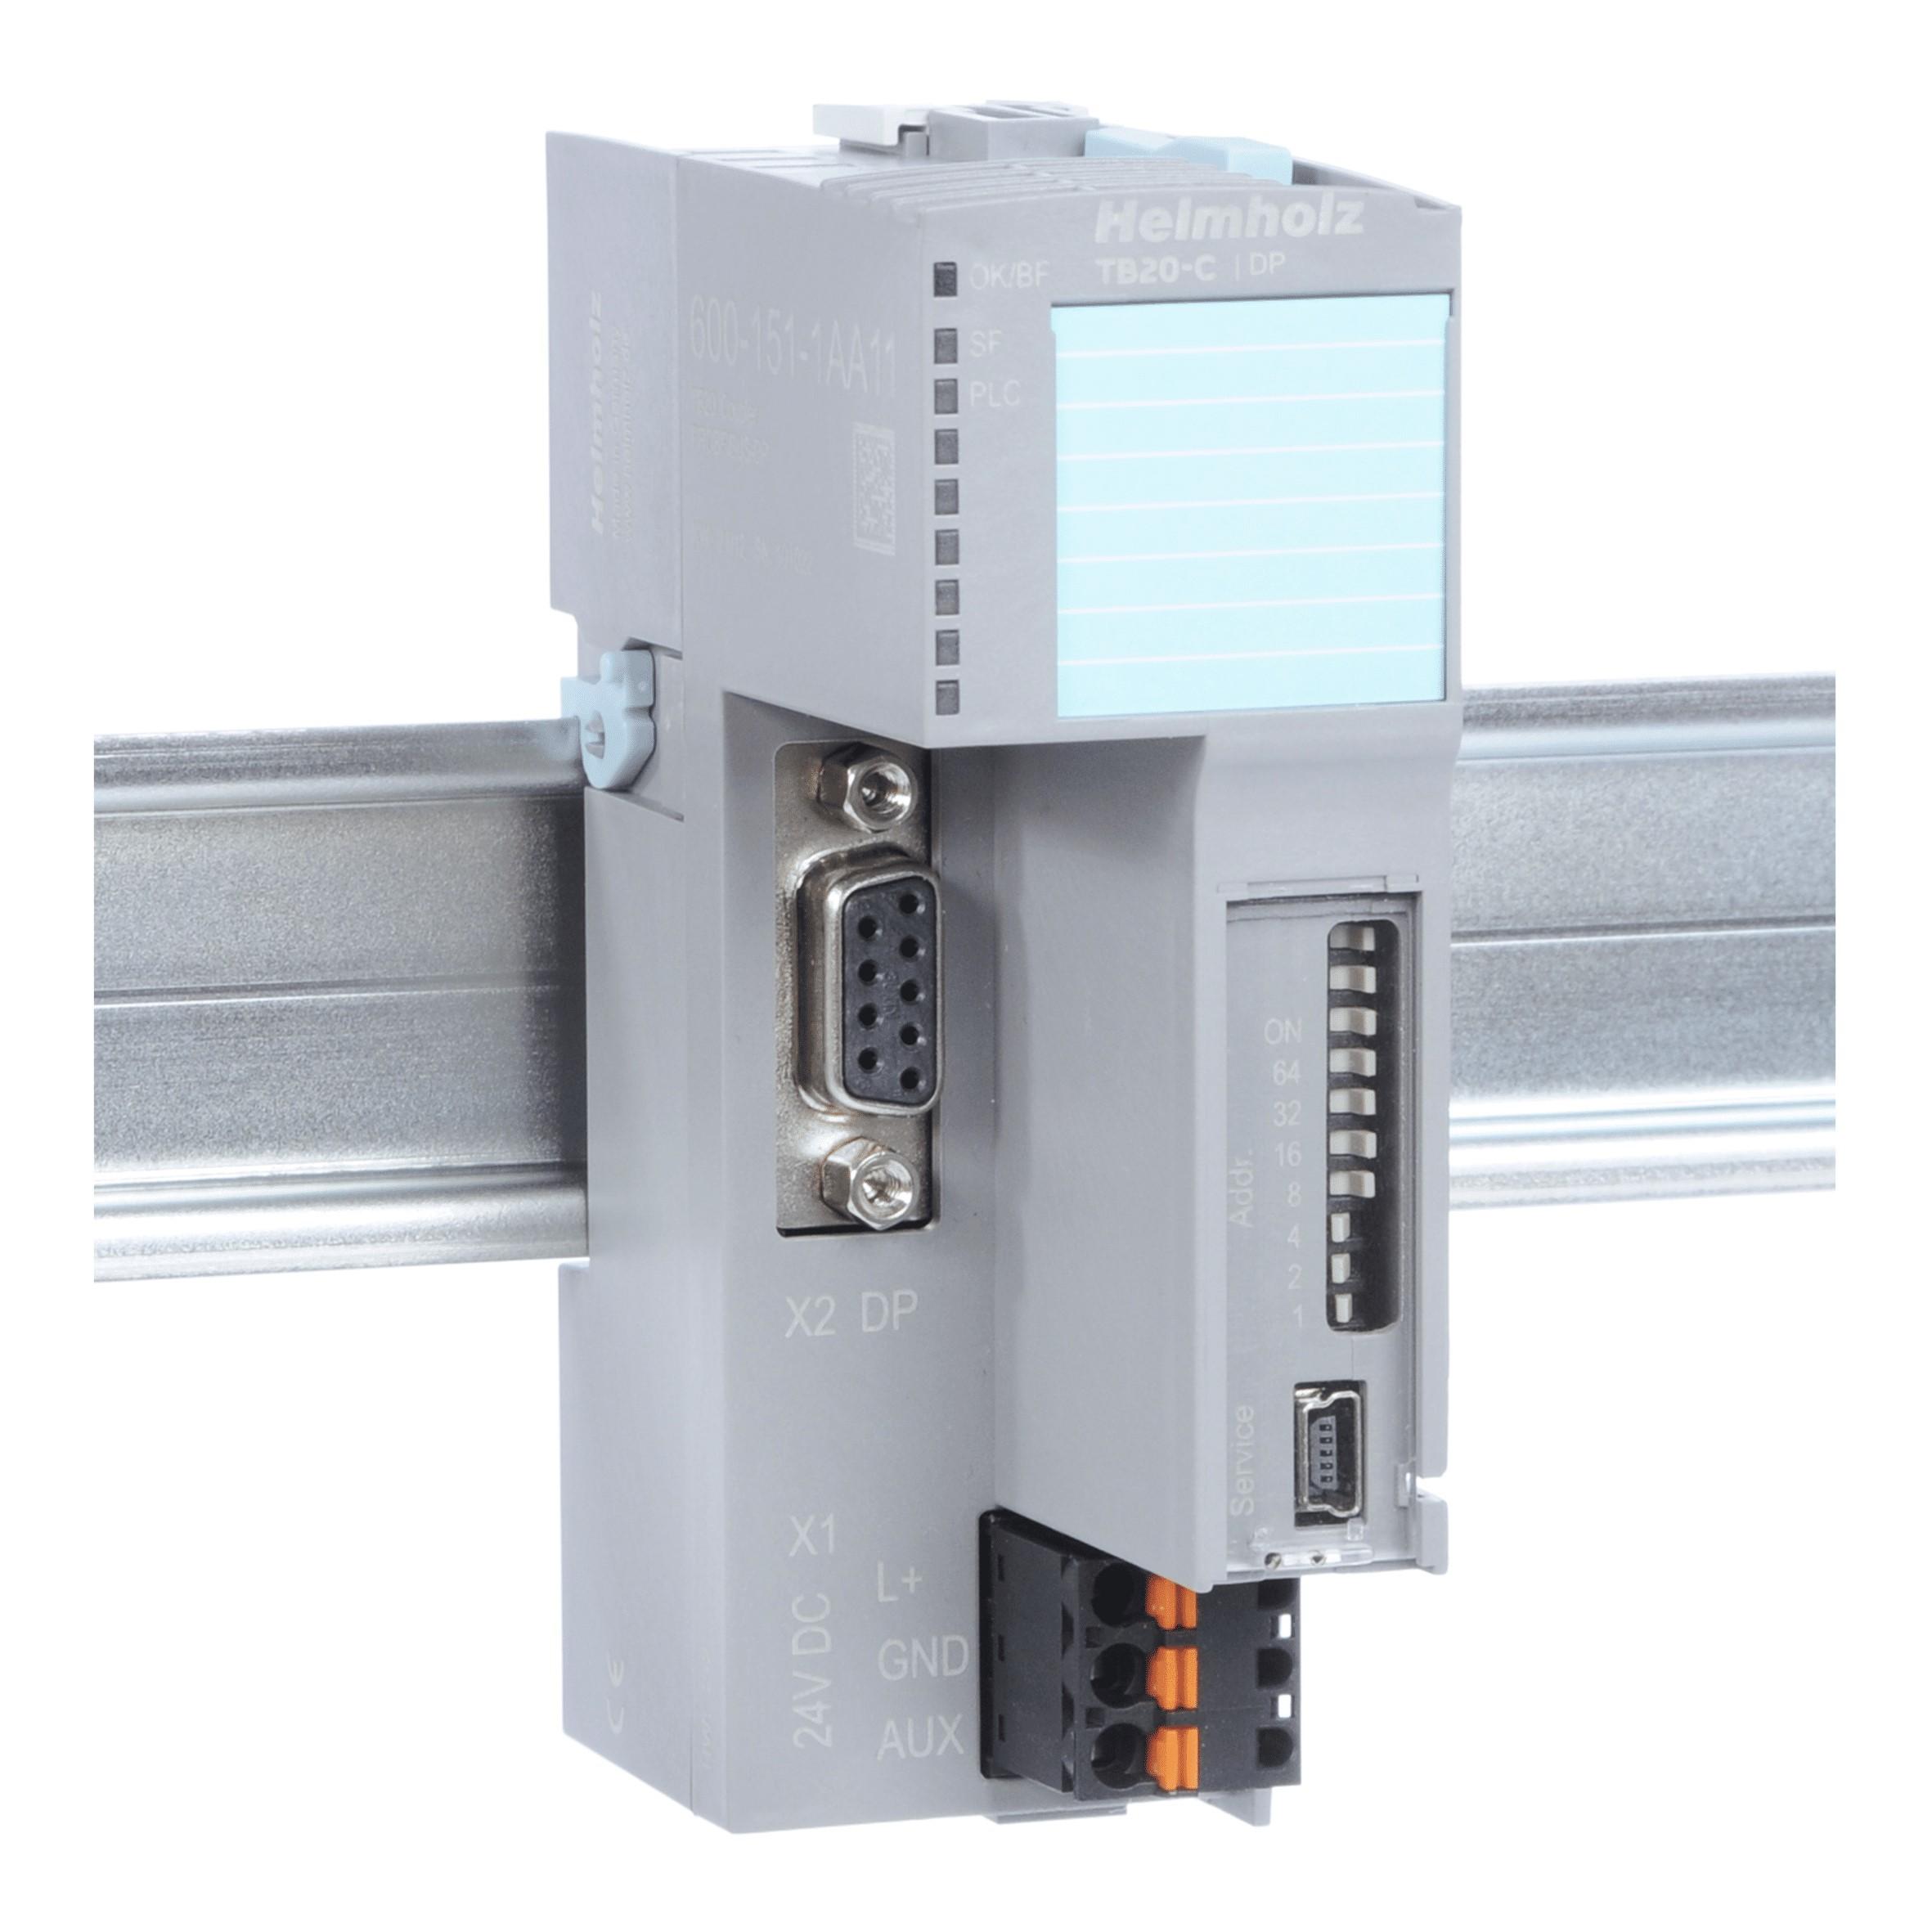 HELMHOLZ 600-151-1AA11 TB20-C, Bus coupler, PROFIBUS-DP